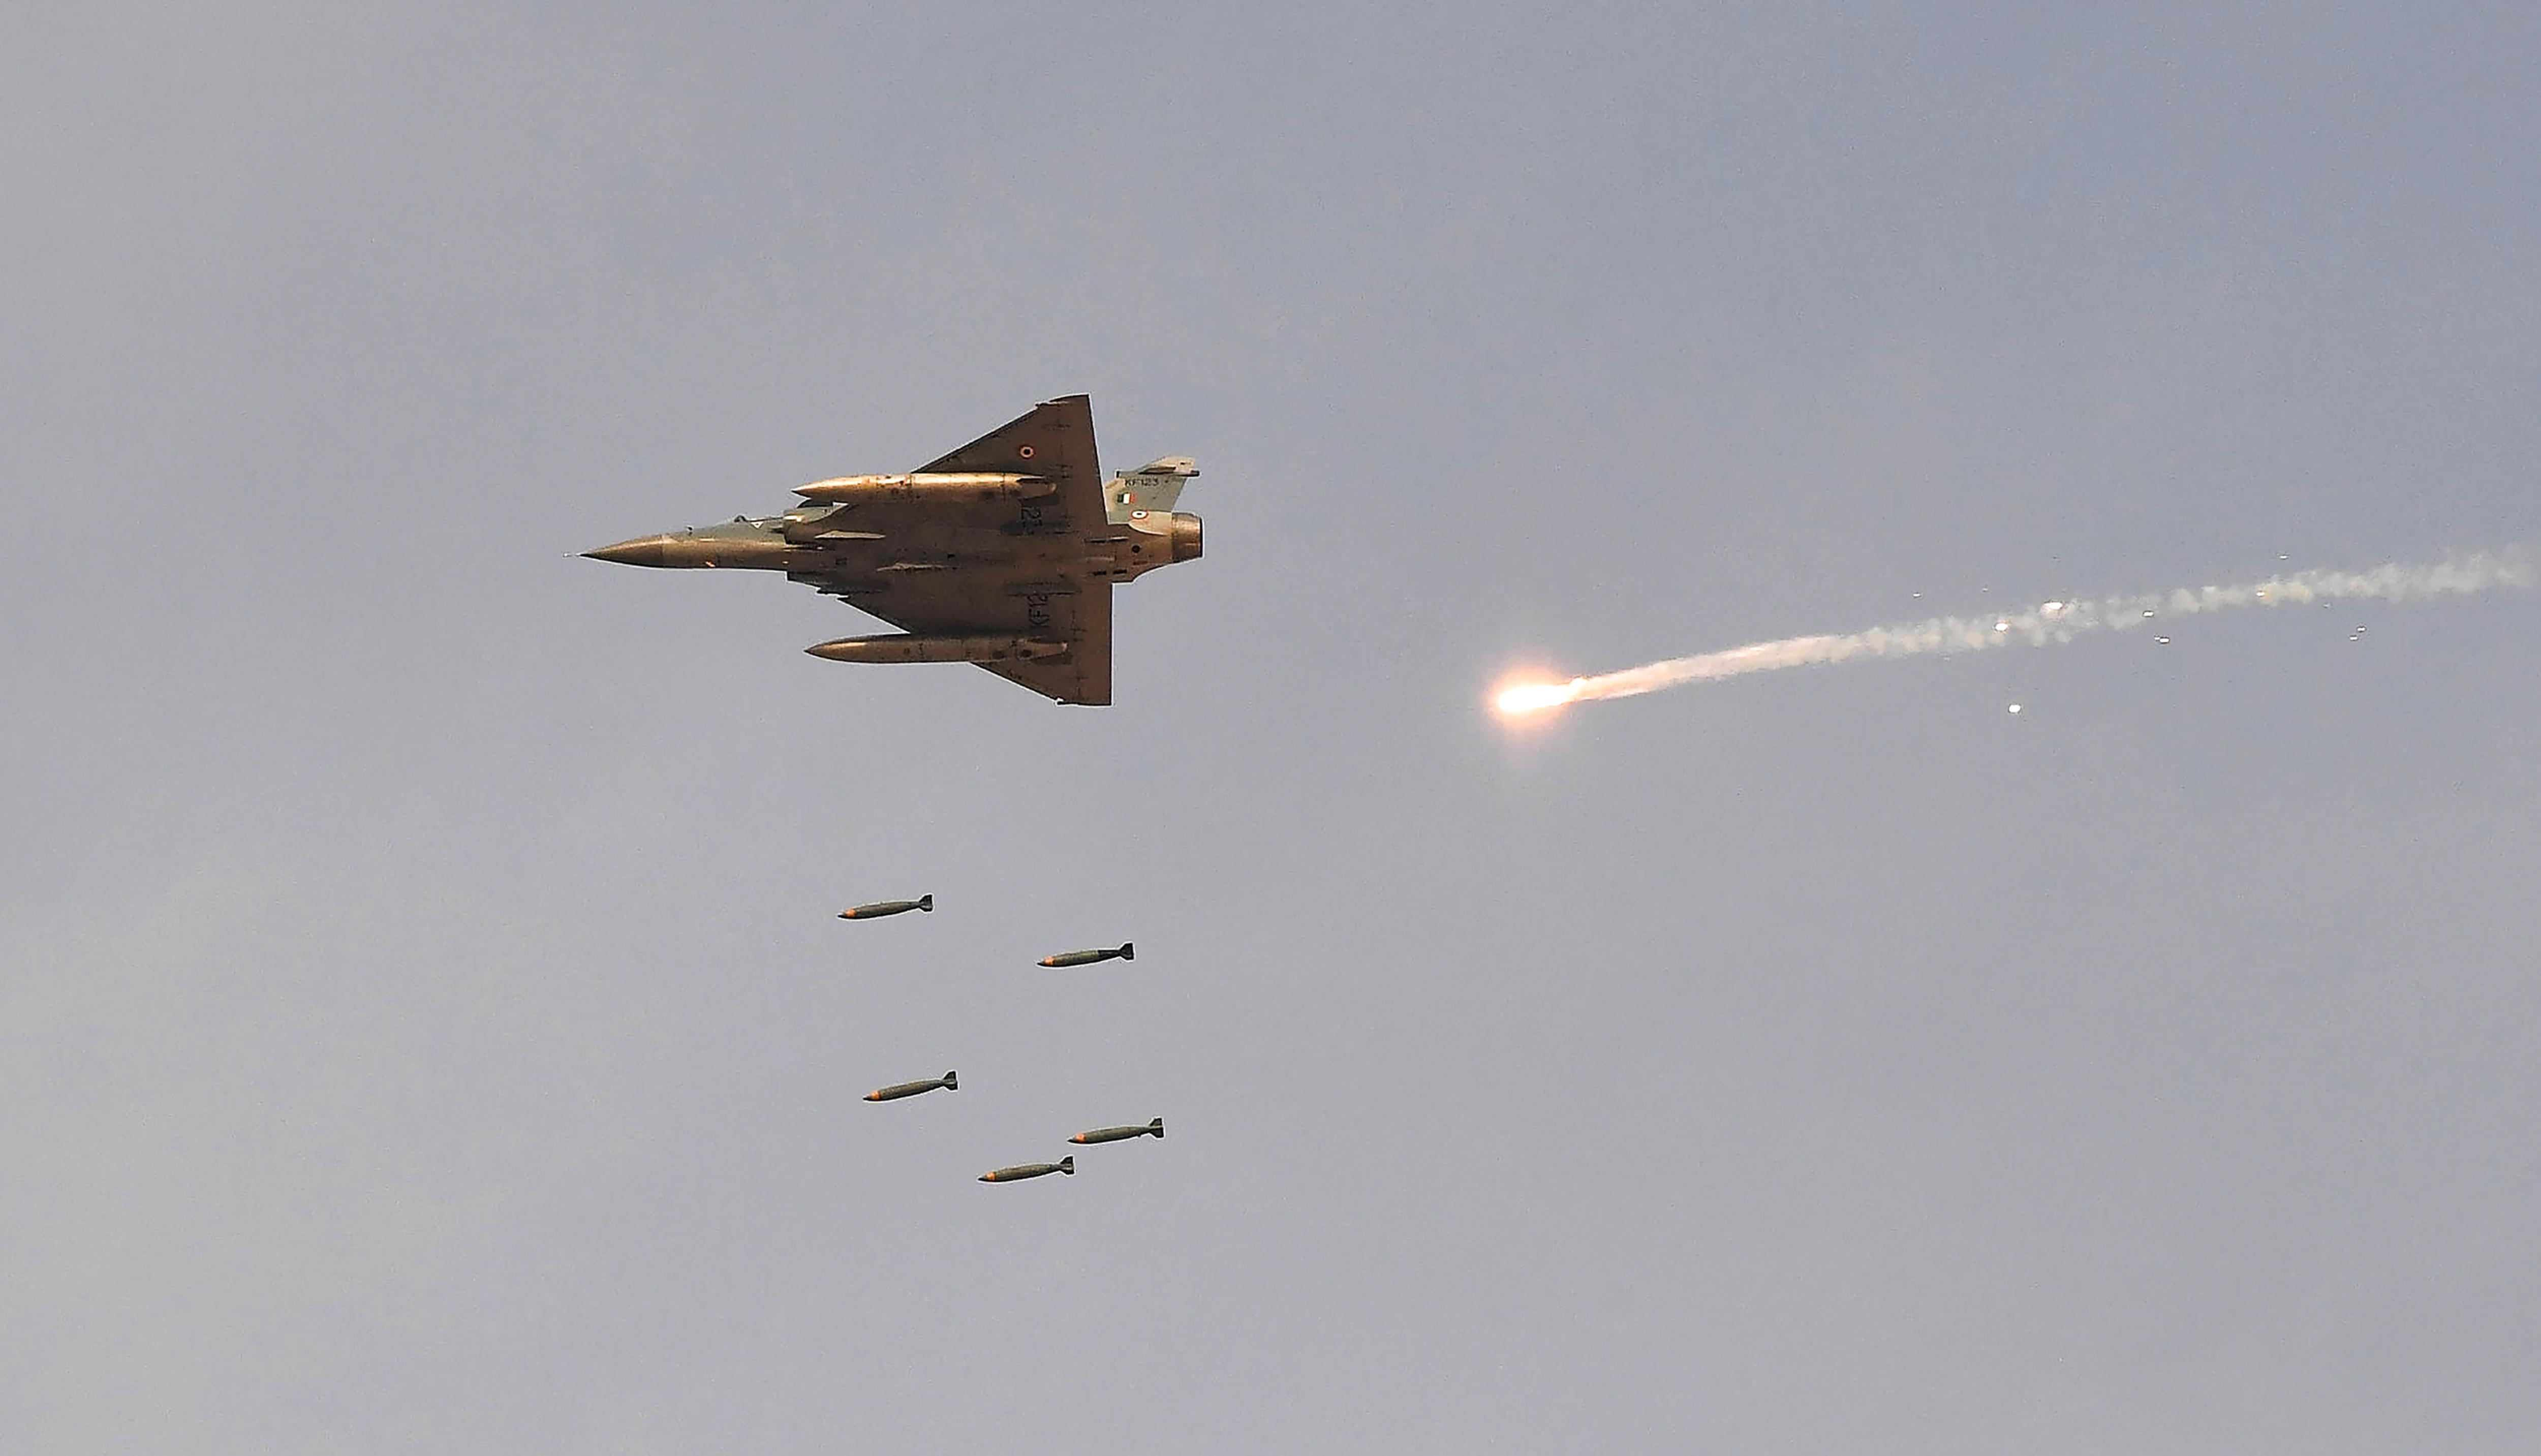 印度派12架戰機 空襲巴基斯坦恐怖組織營地